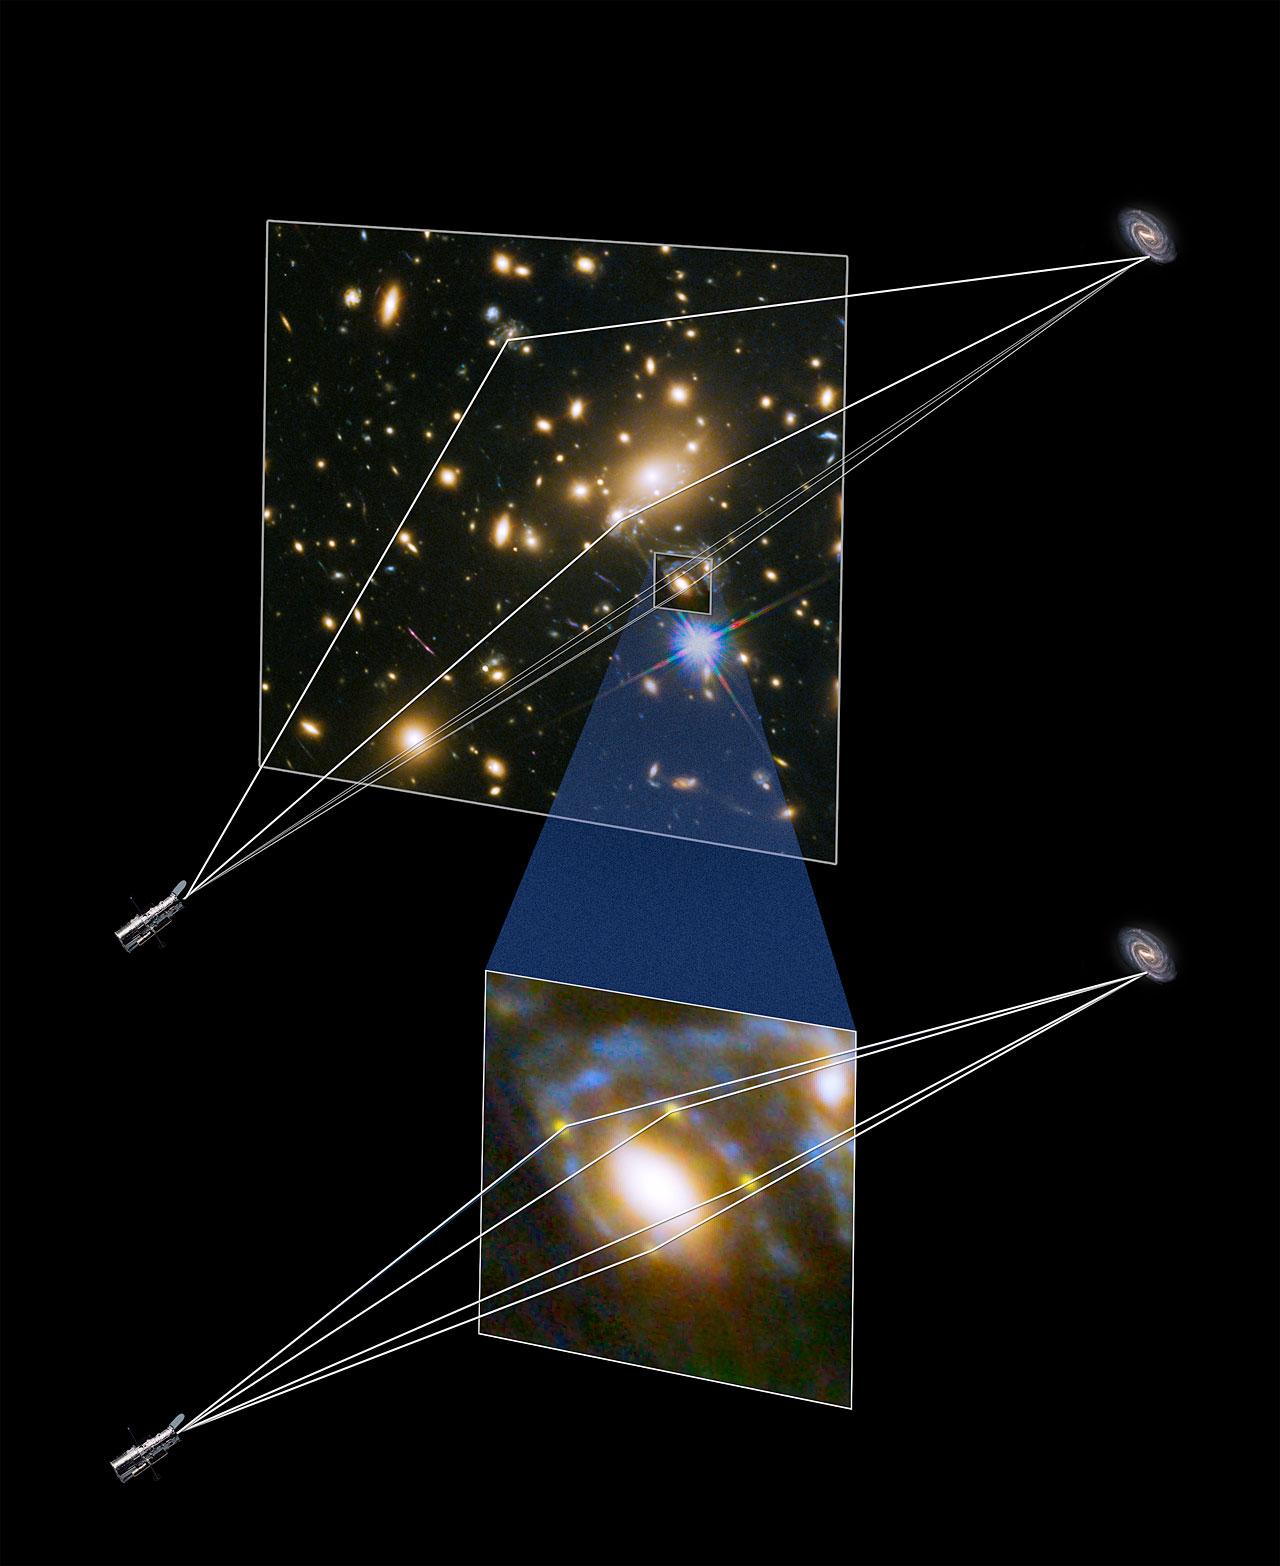 Fast pünktlich zum Einstein-Jubiläum: Supernova mit Ankündigung – dank Gravitationslinsen!